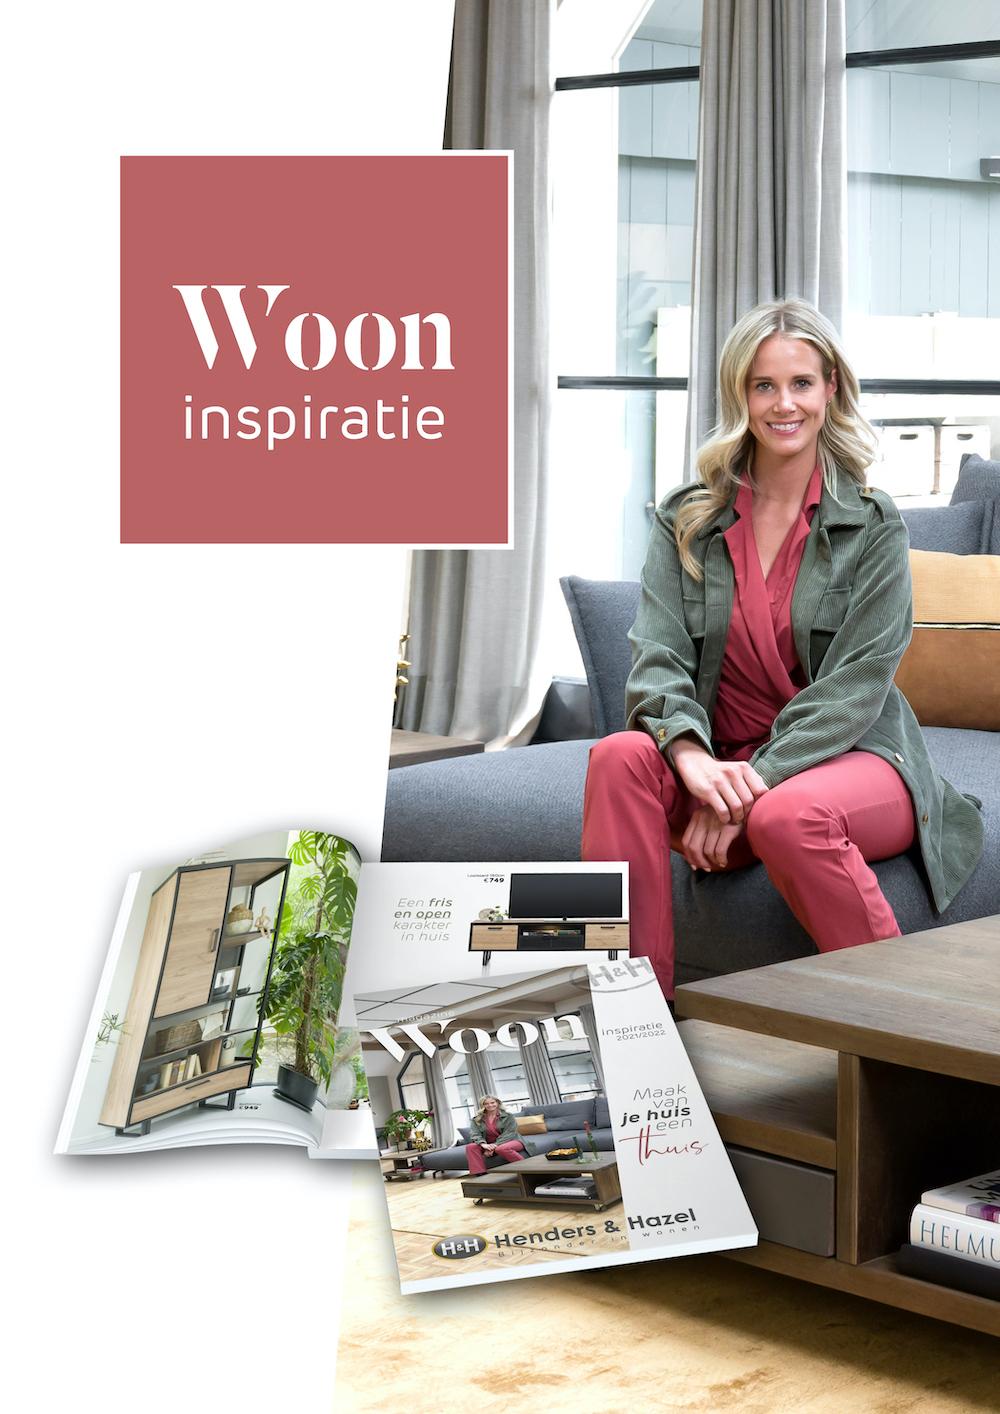 Henders & Hazel magazine Wooninspiratie